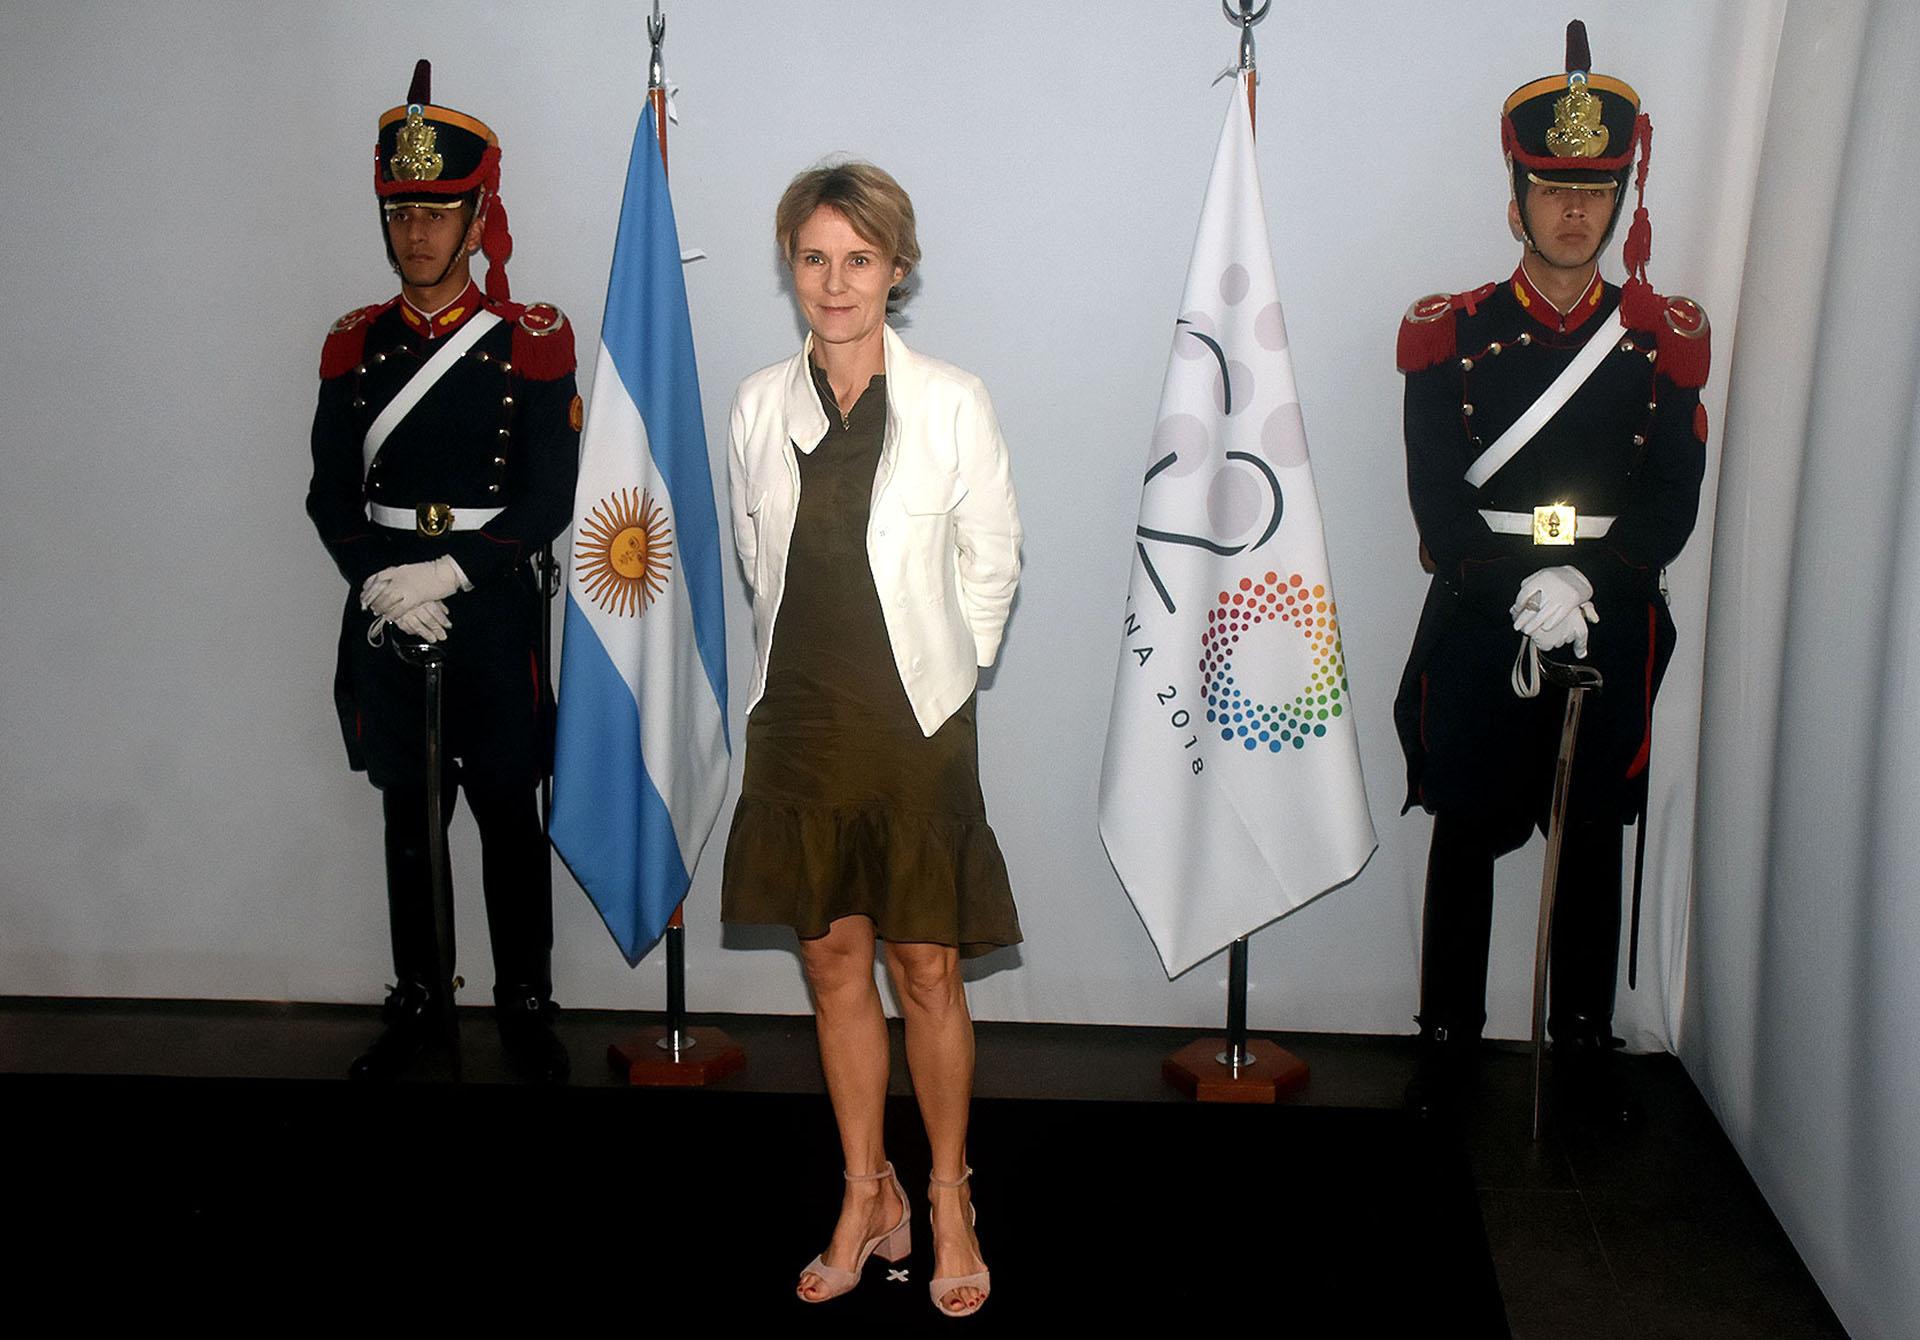 Diana Carney, del Consejo de Estabilidad Financiera, se reunió con las mujeres en el Malba y lució un vestido de lino en verde oliva con volados en la falda y lo acompañó con una chaqueta blanca. Completó el look con sandalias de pulsera y taco cuadrado